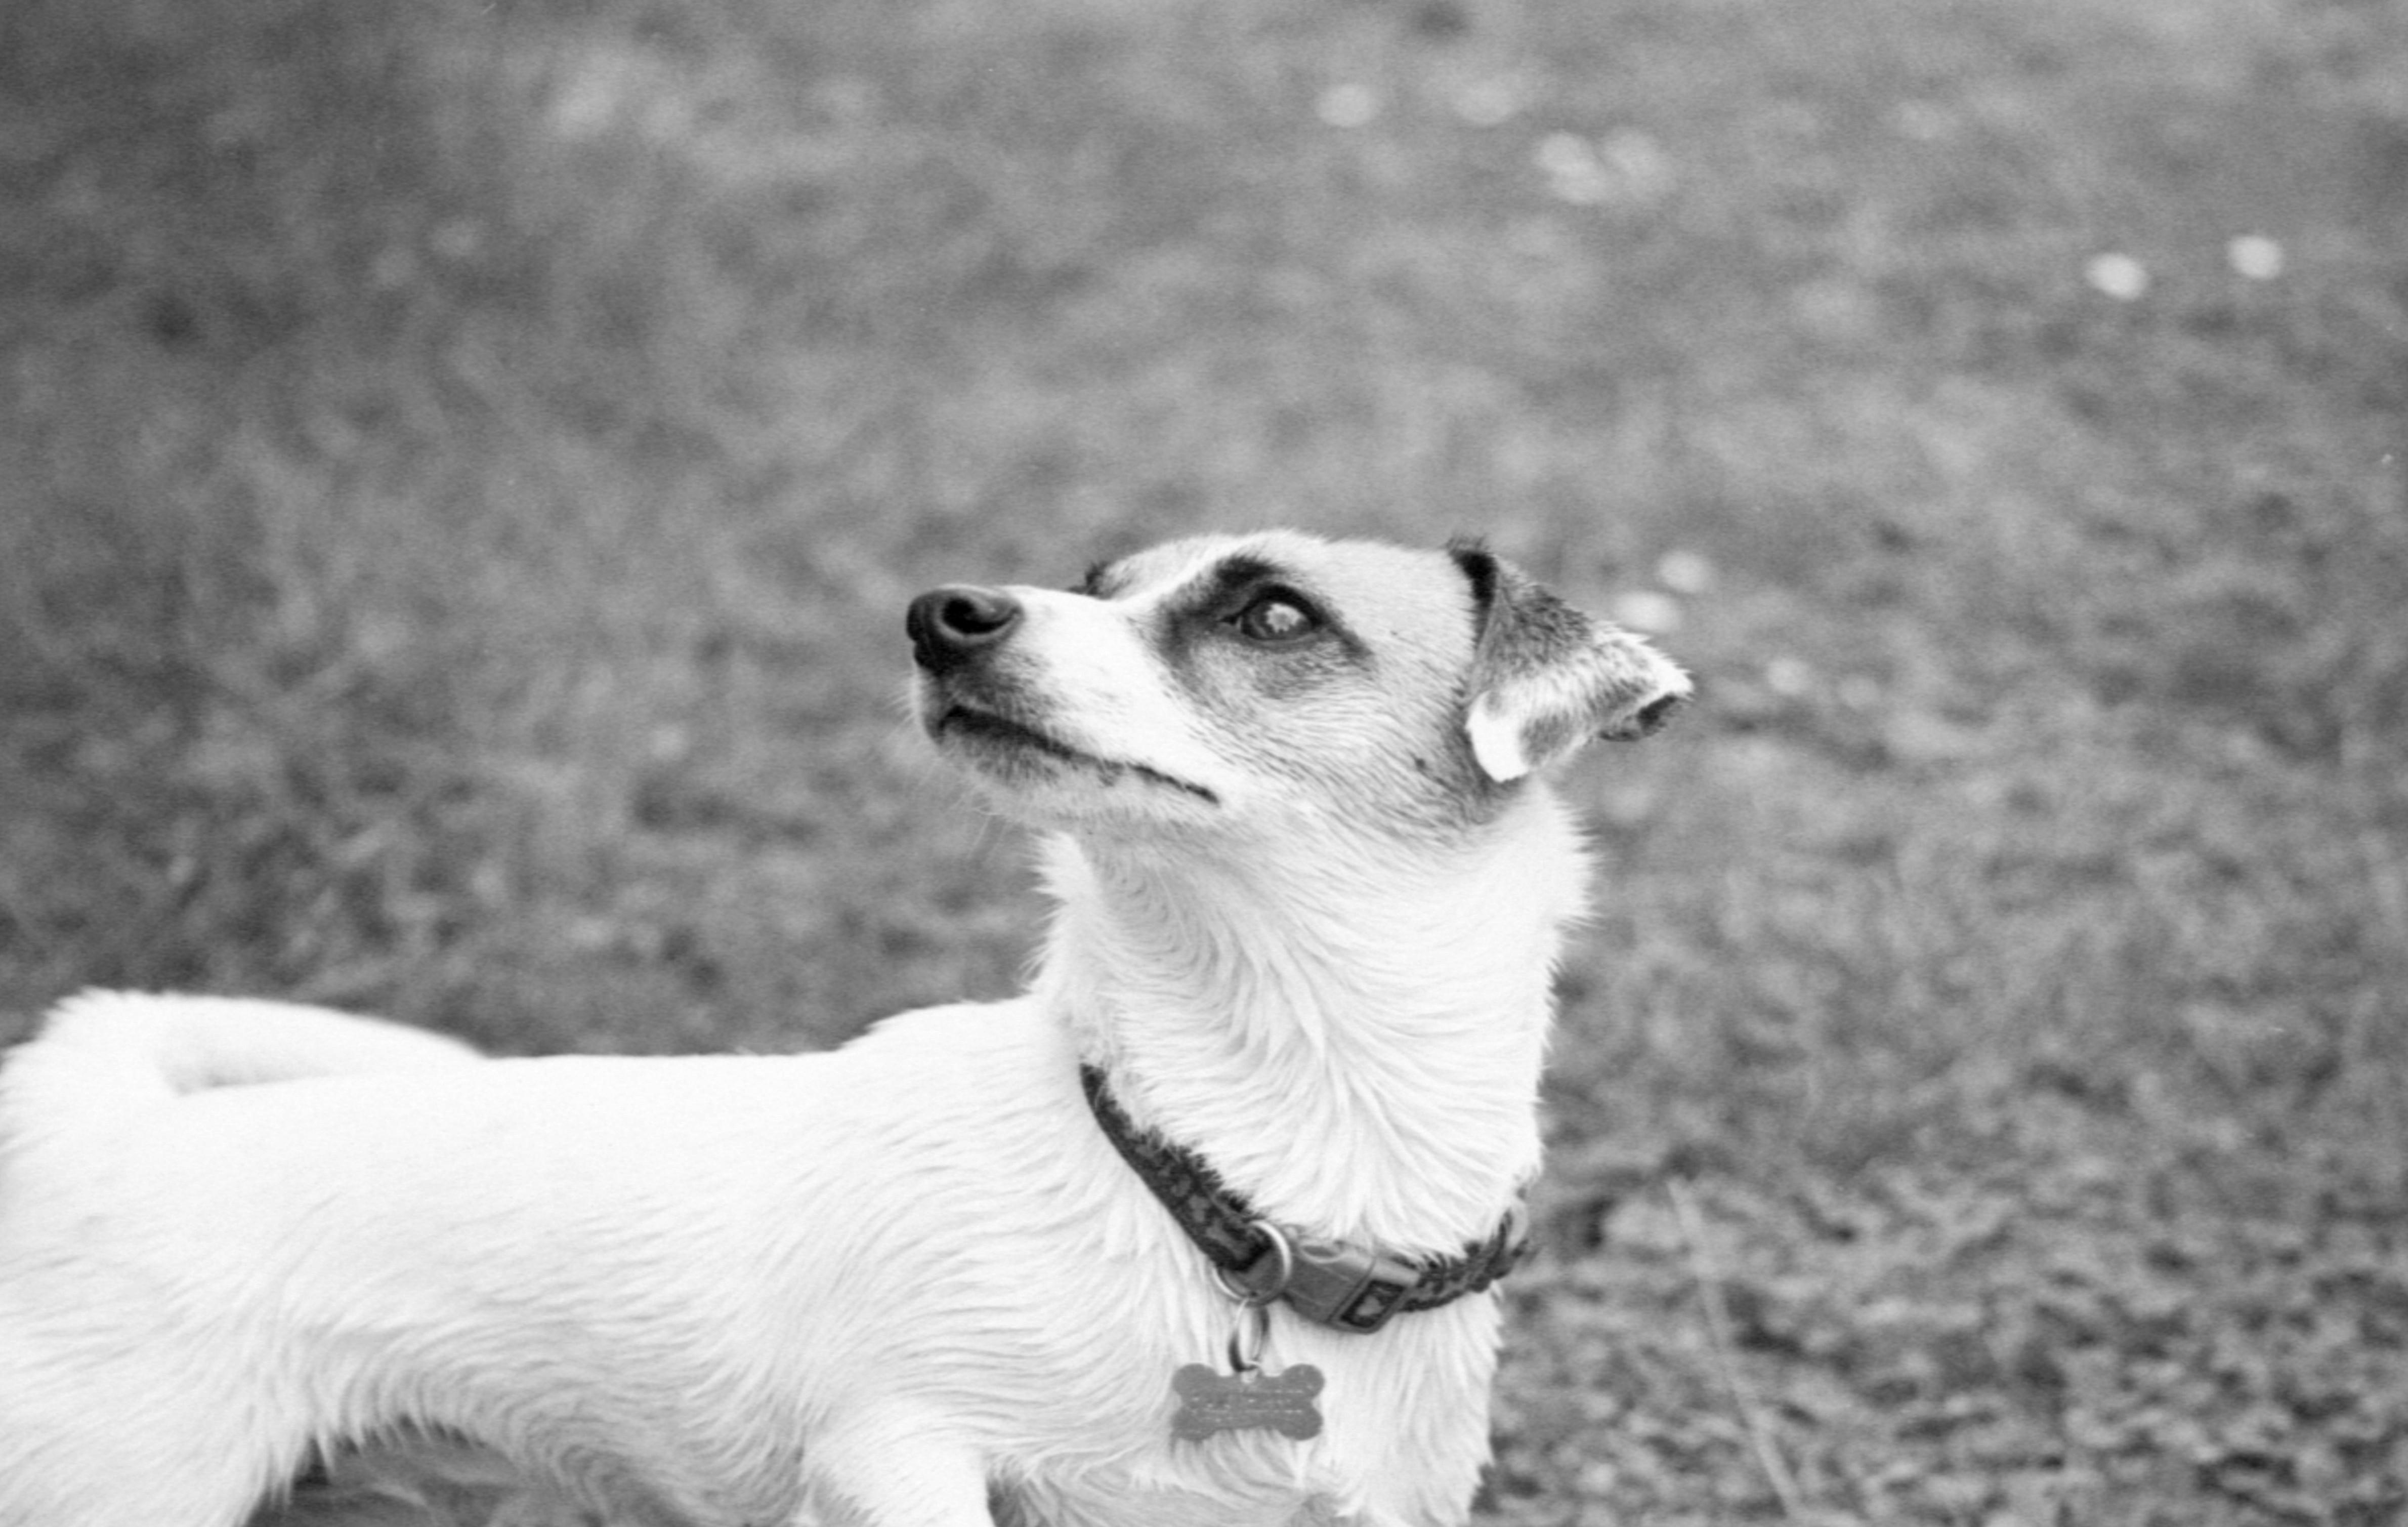 デスクトップ壁紙 ジャックラッセルテリア 子犬 黒と白 モノクロ